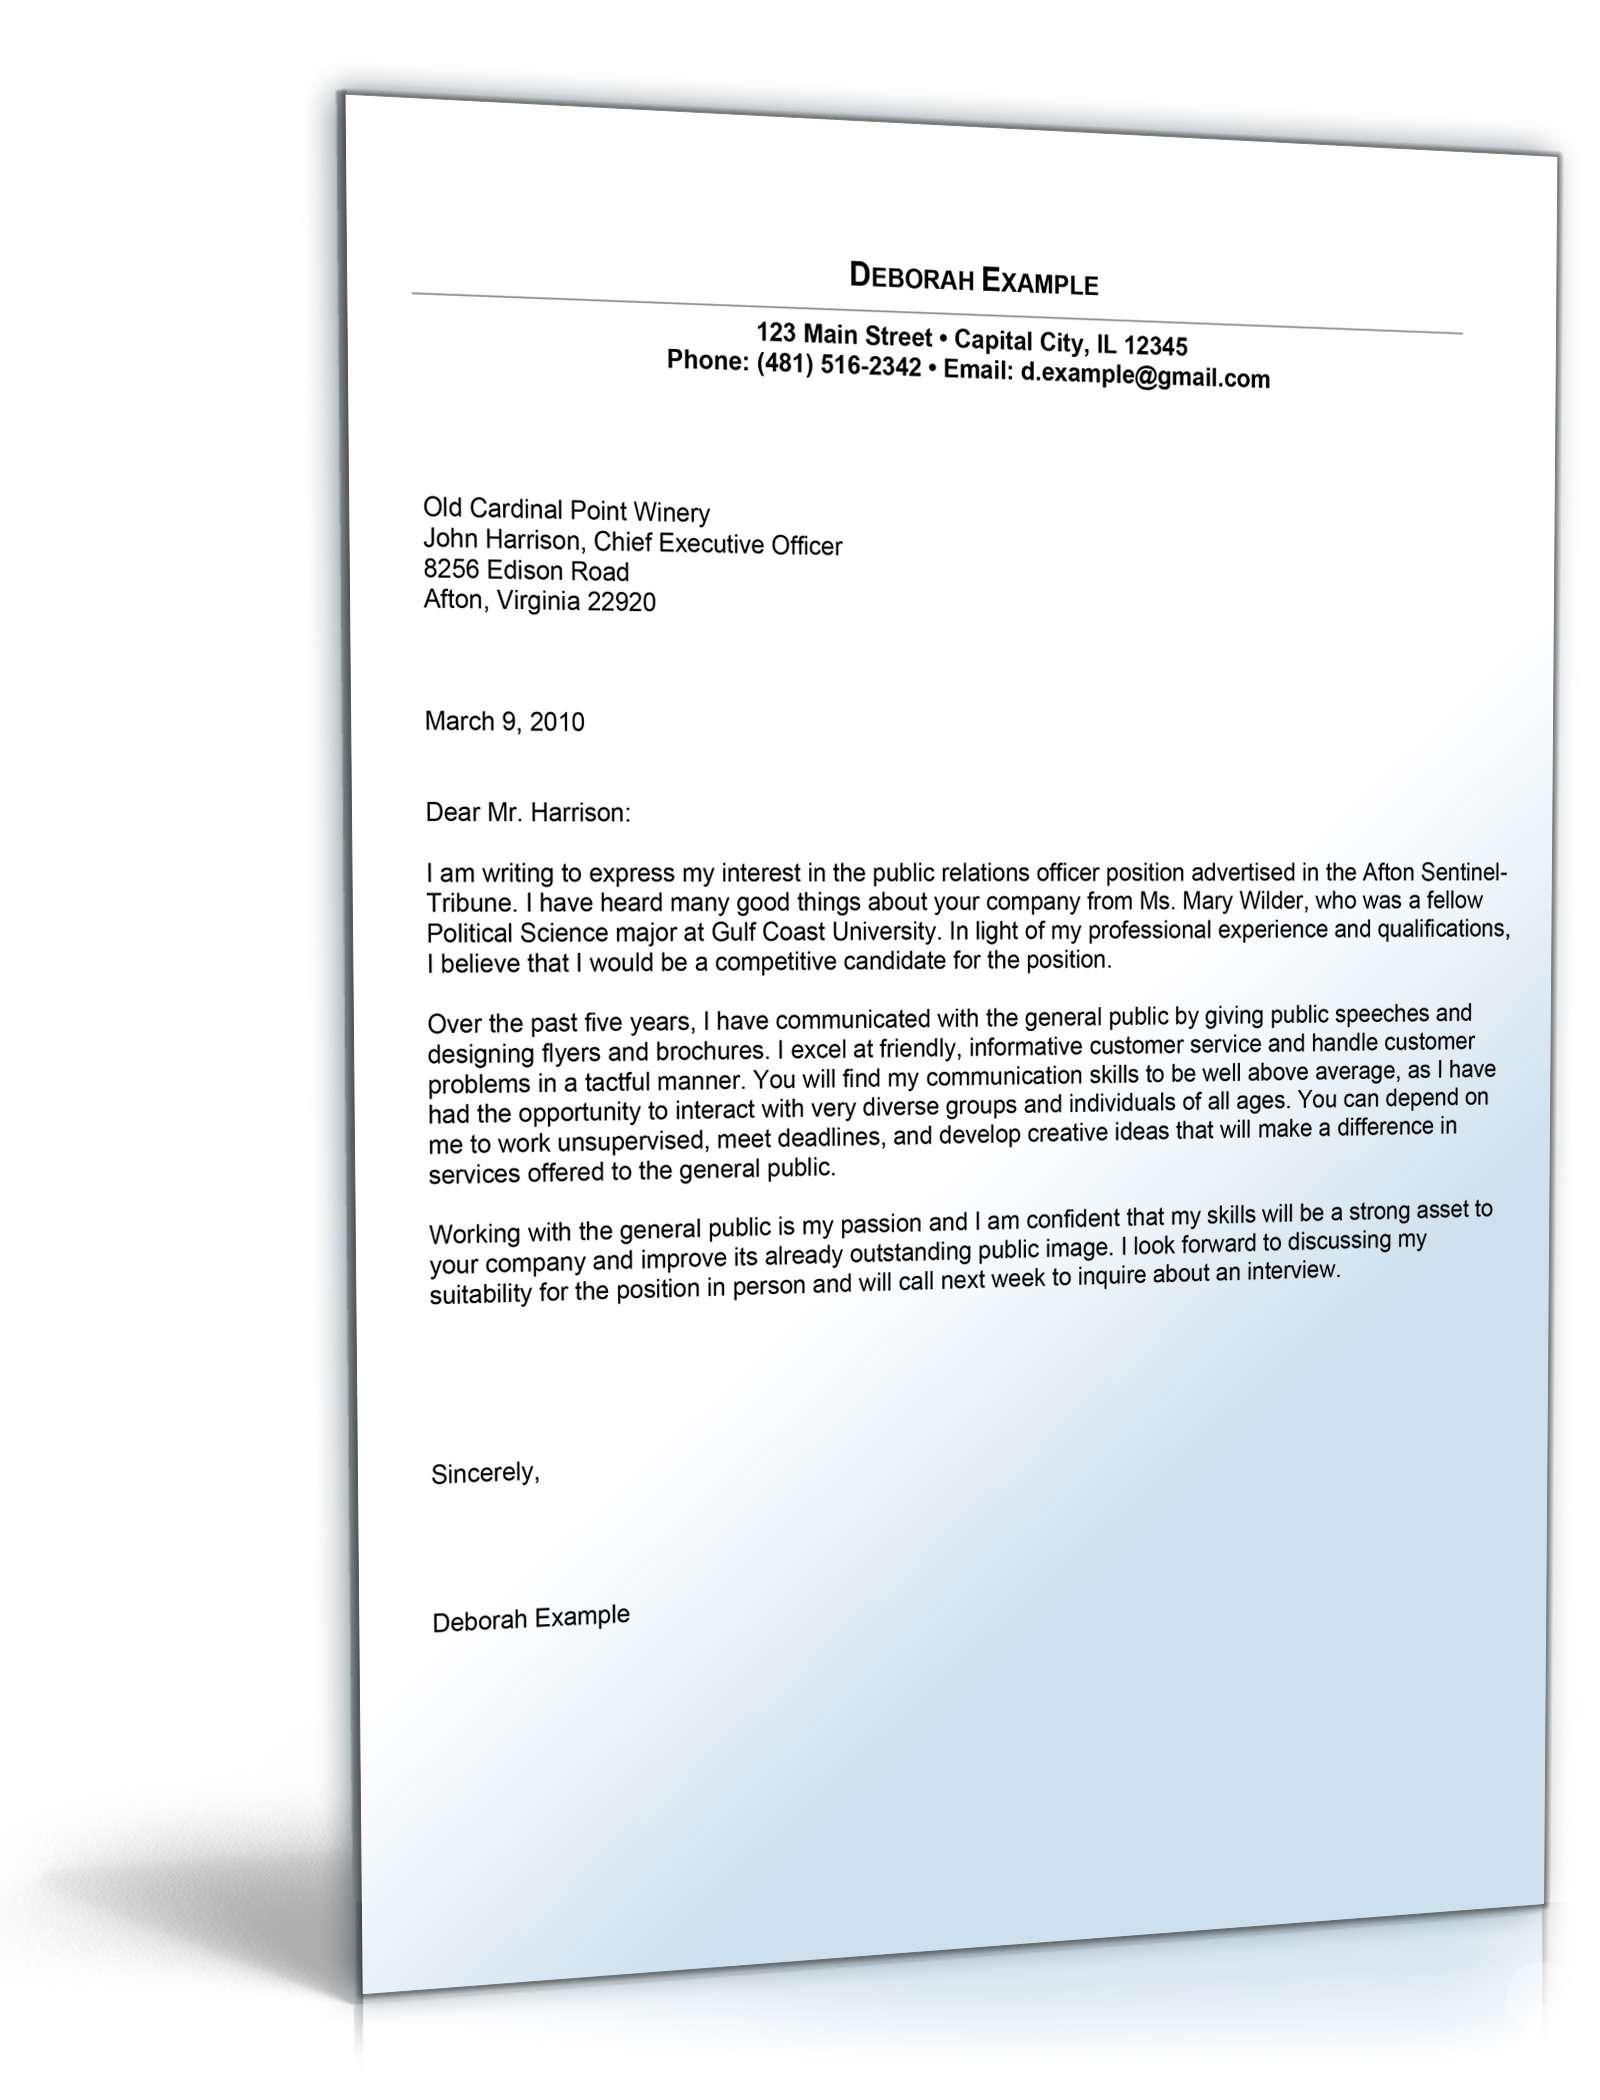 Anschreiben bewerbung pr fachkraft englisch muster zum for Cover letter for public relations position